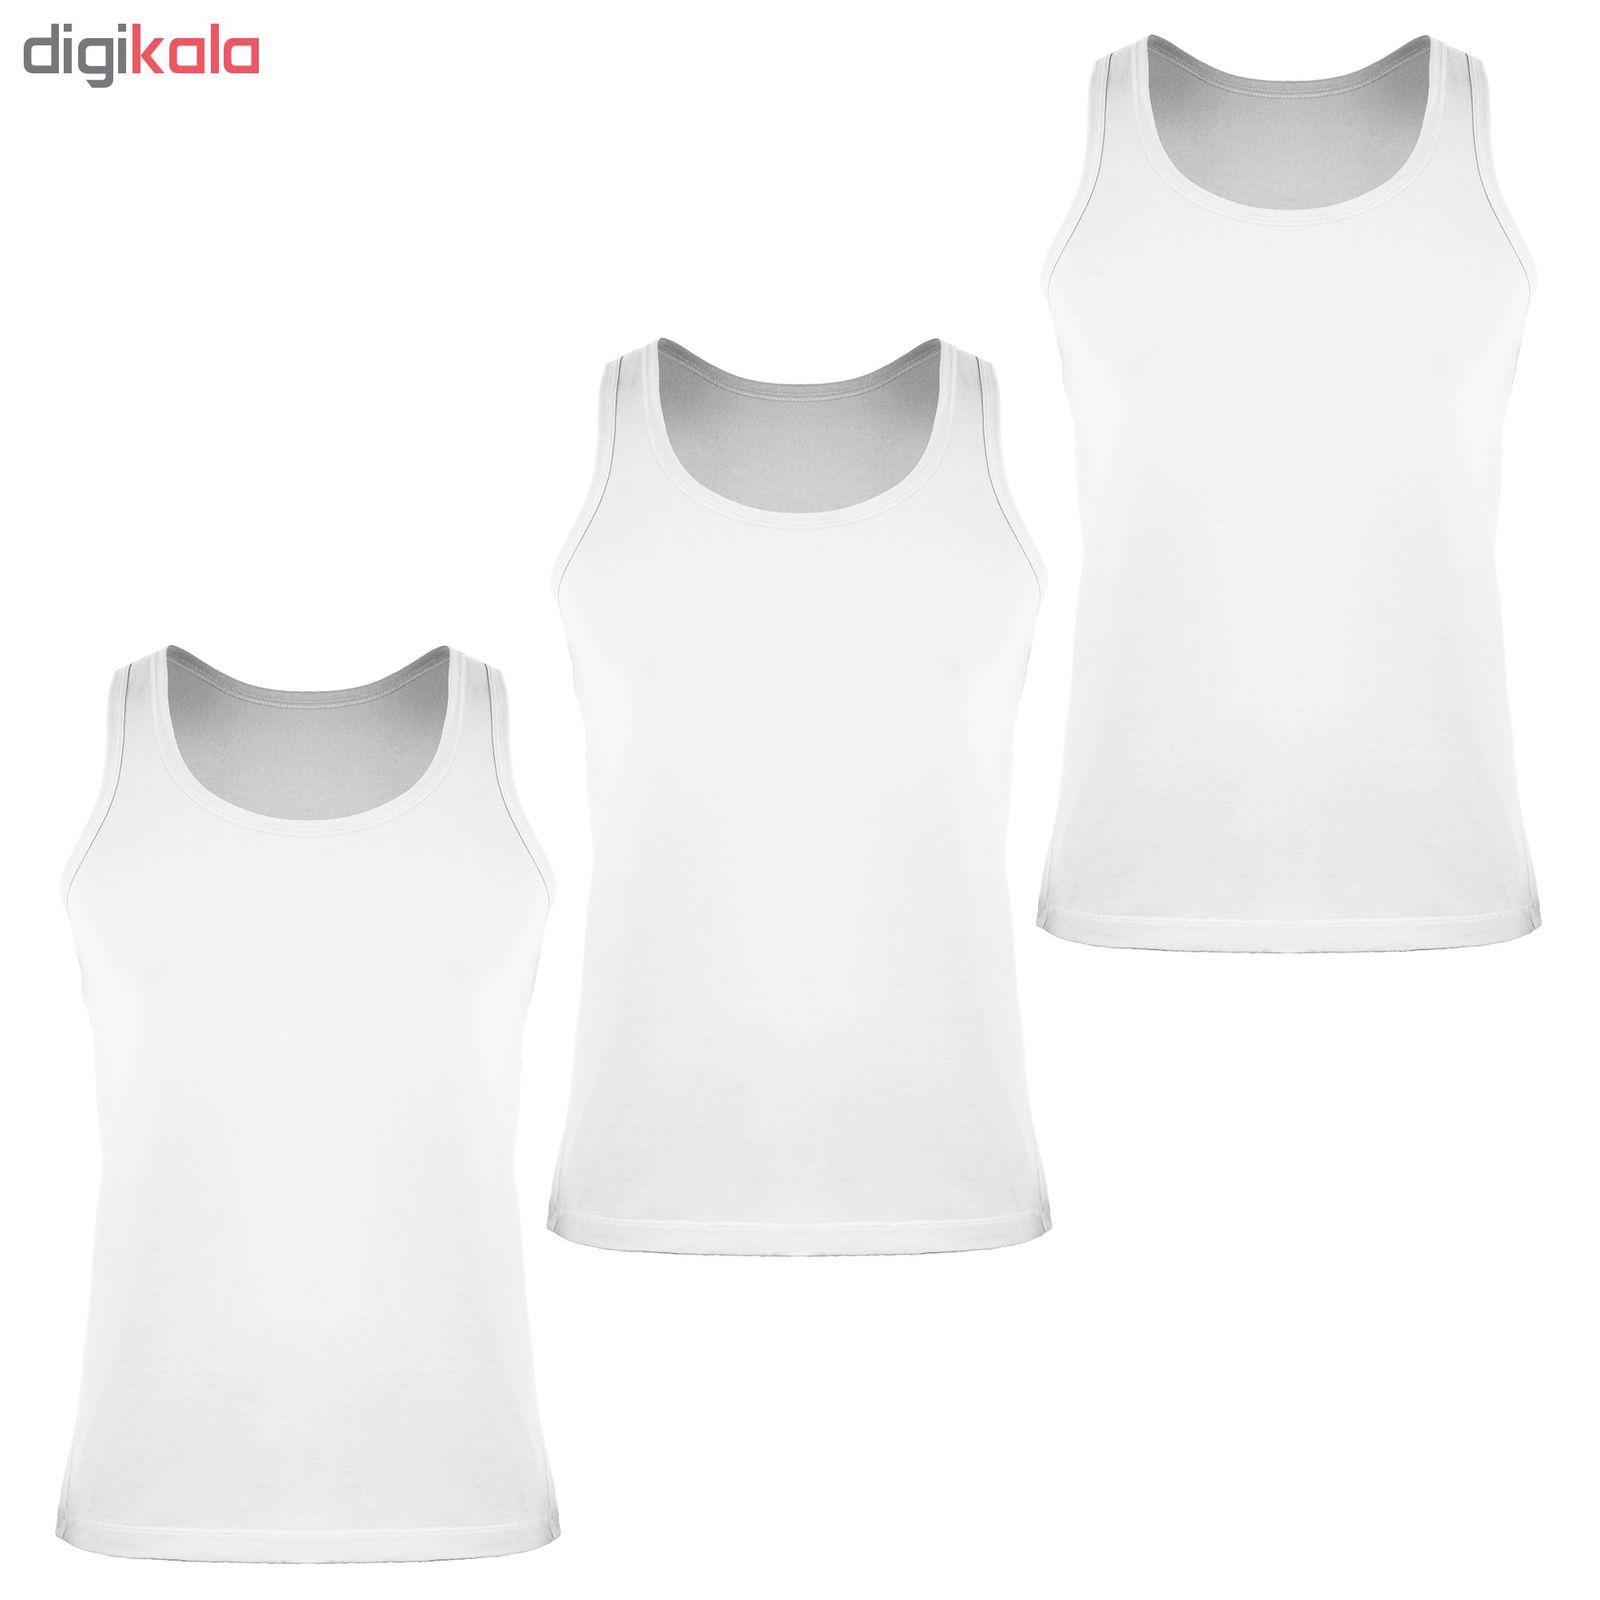 زیرپوش رکابی مردانه کیان تن پوش مدل A Shirt Classic W بسته ۳ عددی main 1 1